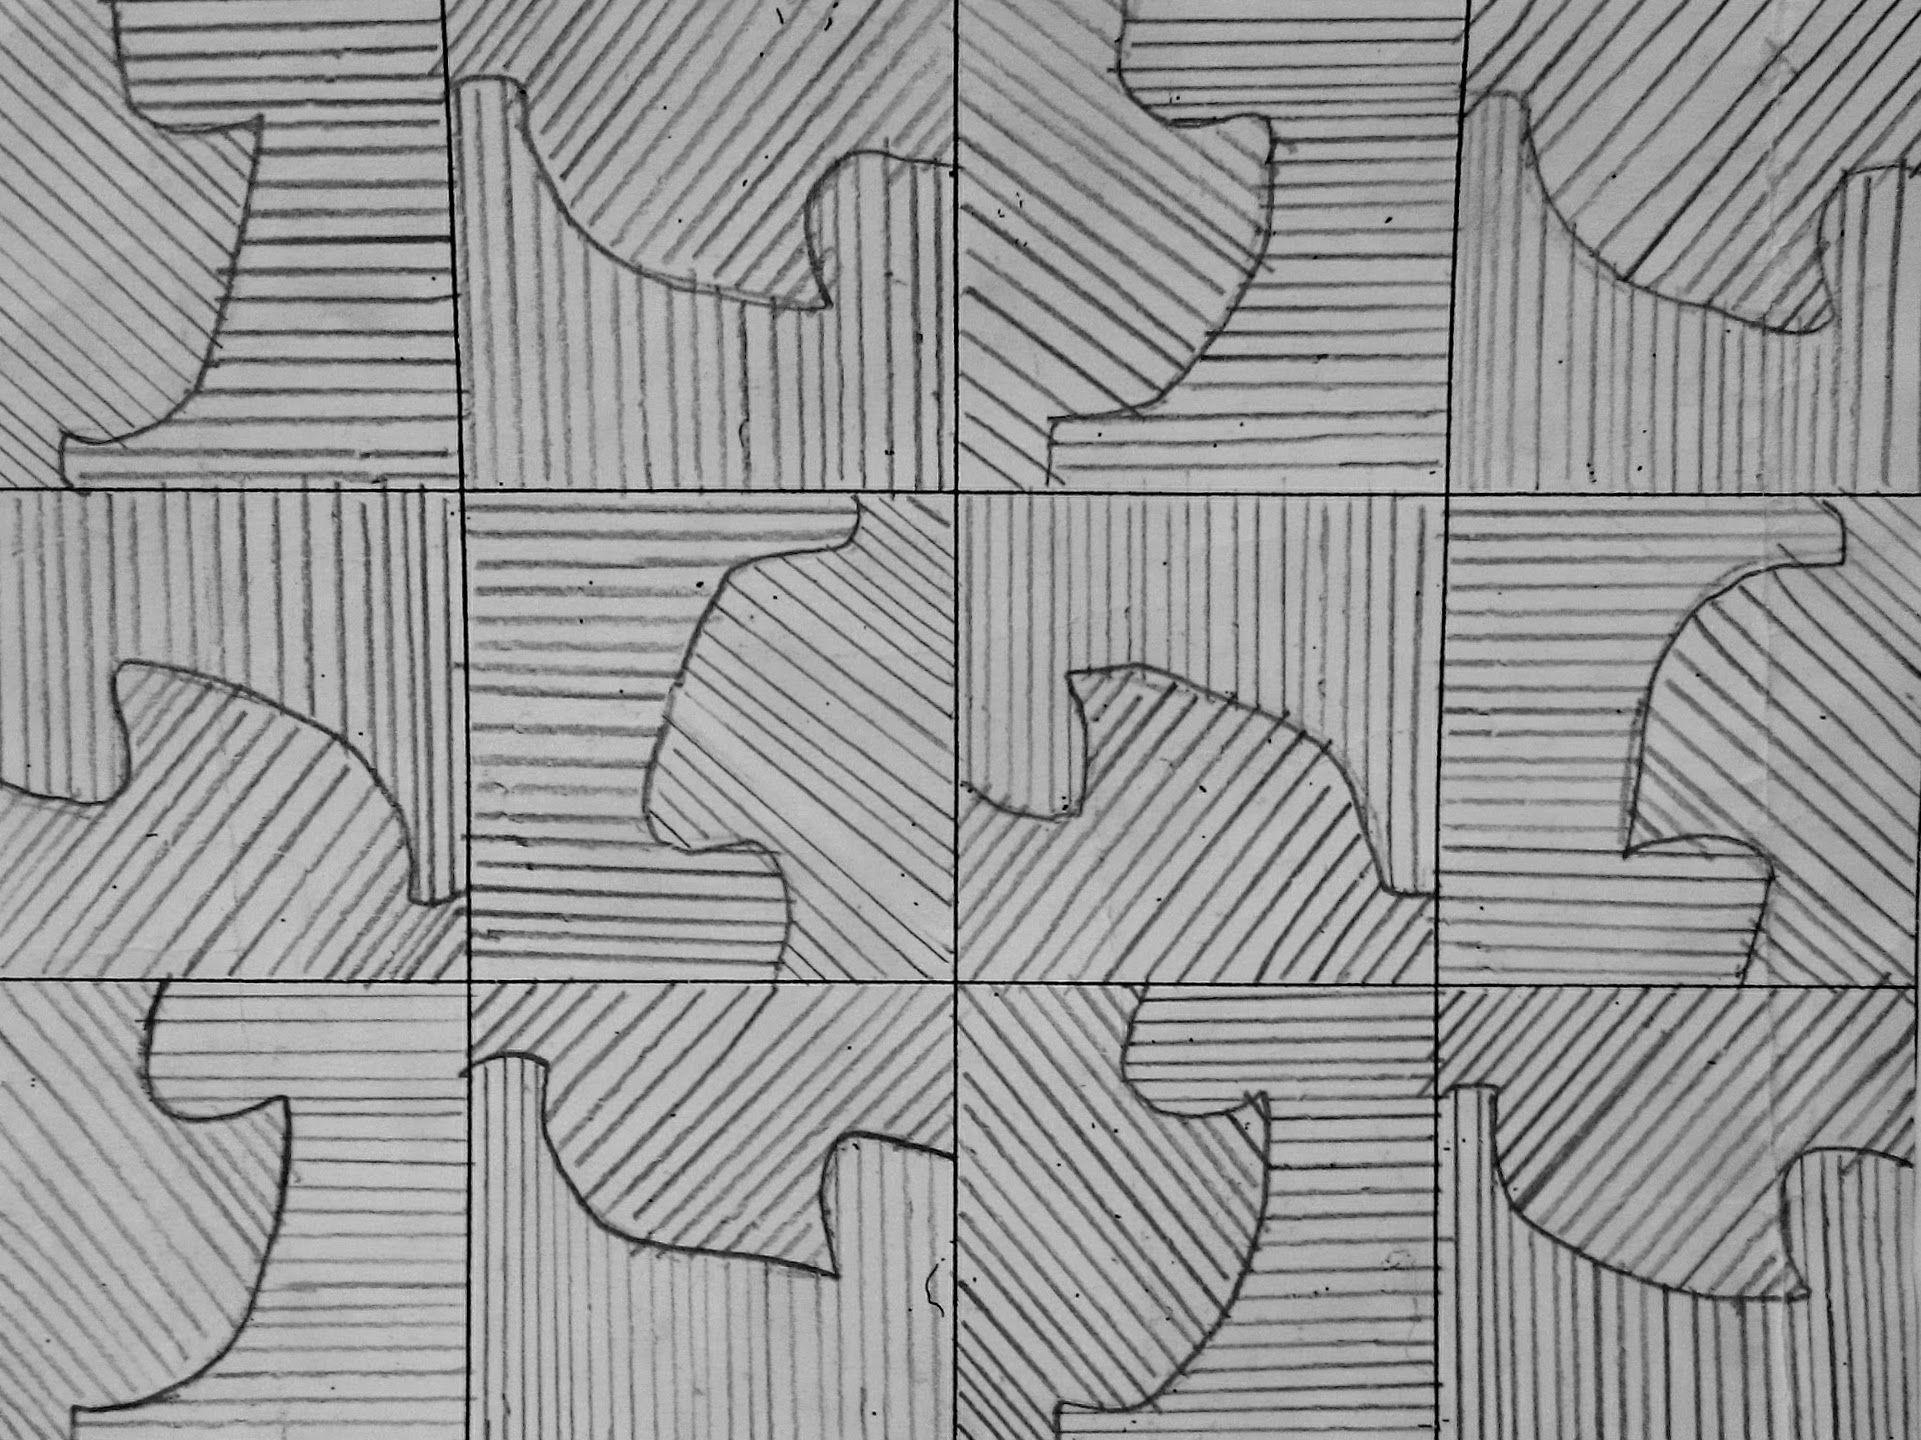 Creating patterns inspired by MC Escher (Scheme of Work)